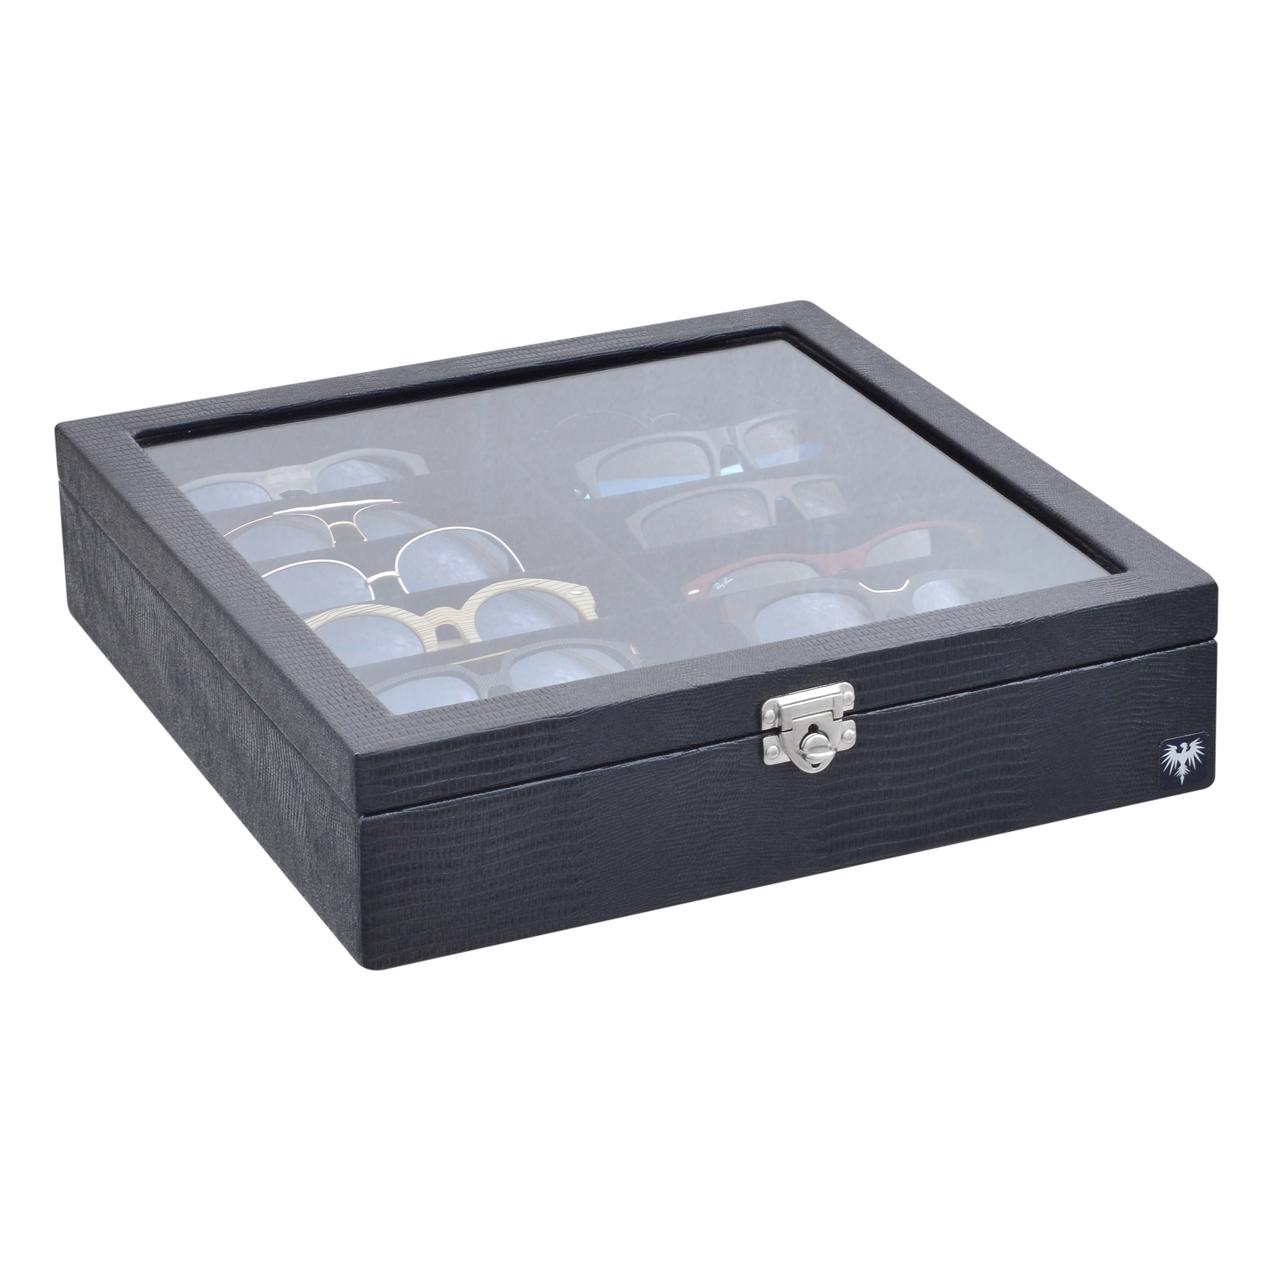 estojo-couro-ecologico-12-oculos-preto-preto-porta-caixa-imagem-4.JPG